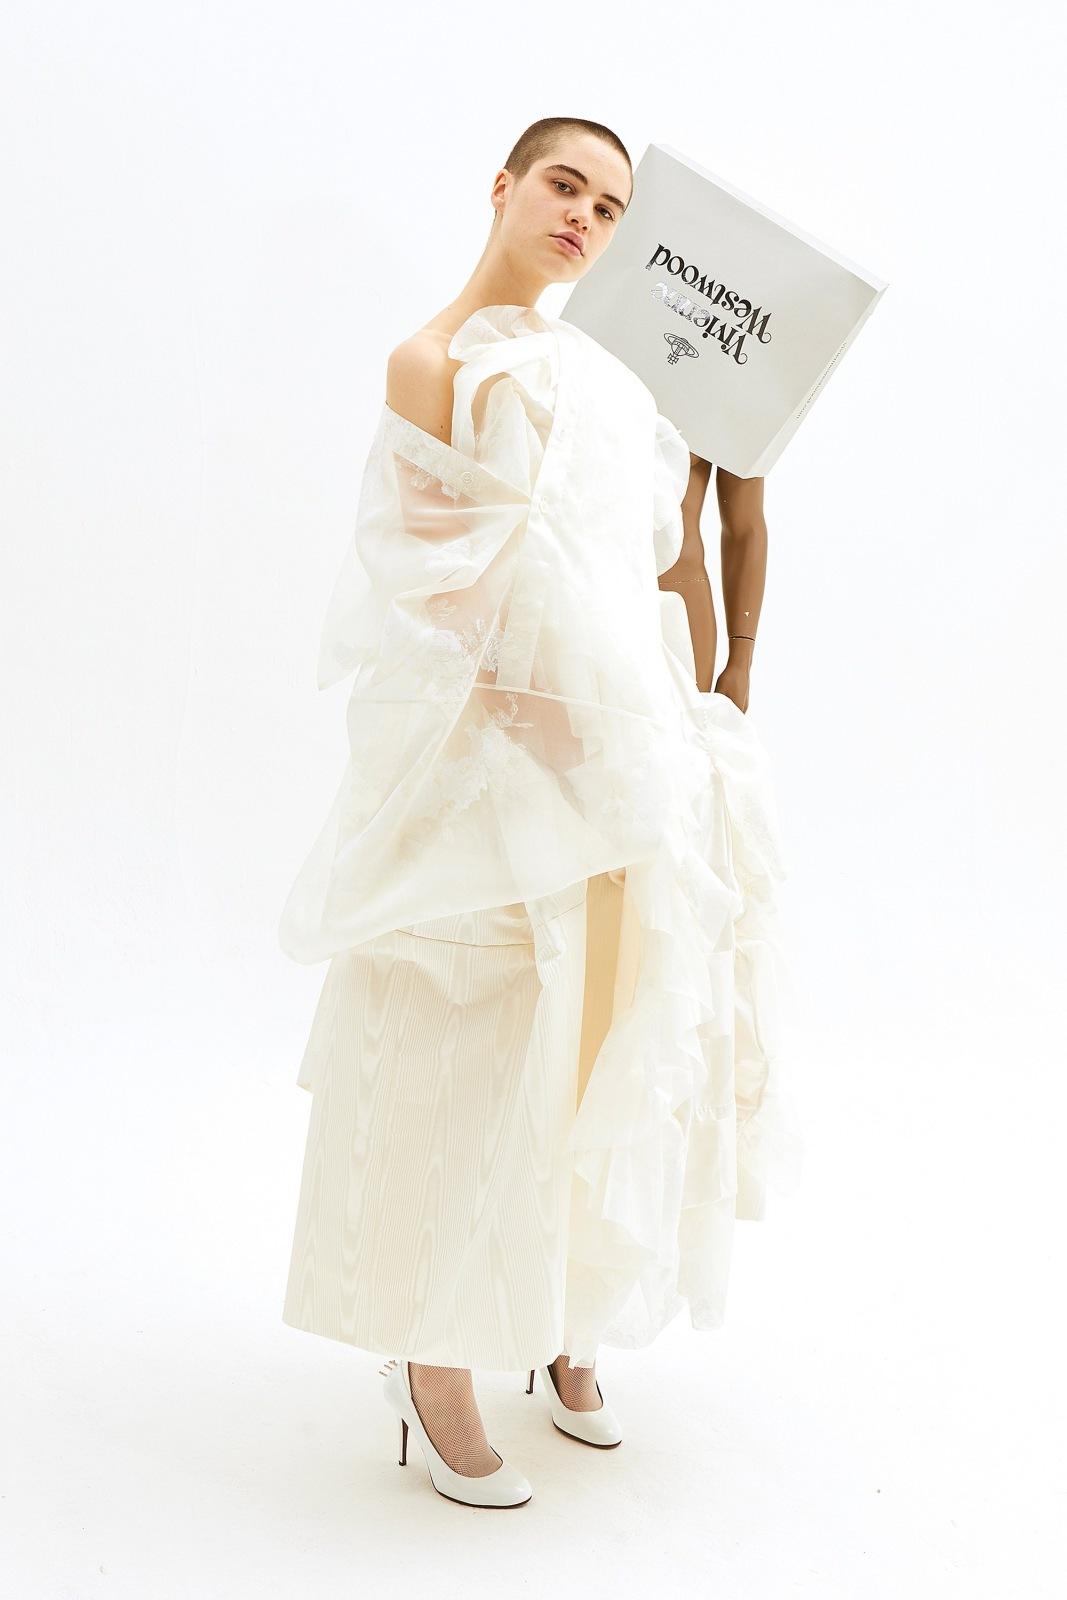 Svatební kolekce SS 19 od Vivienne Westwood  klasiku nečekejte ... 4d2a67c803